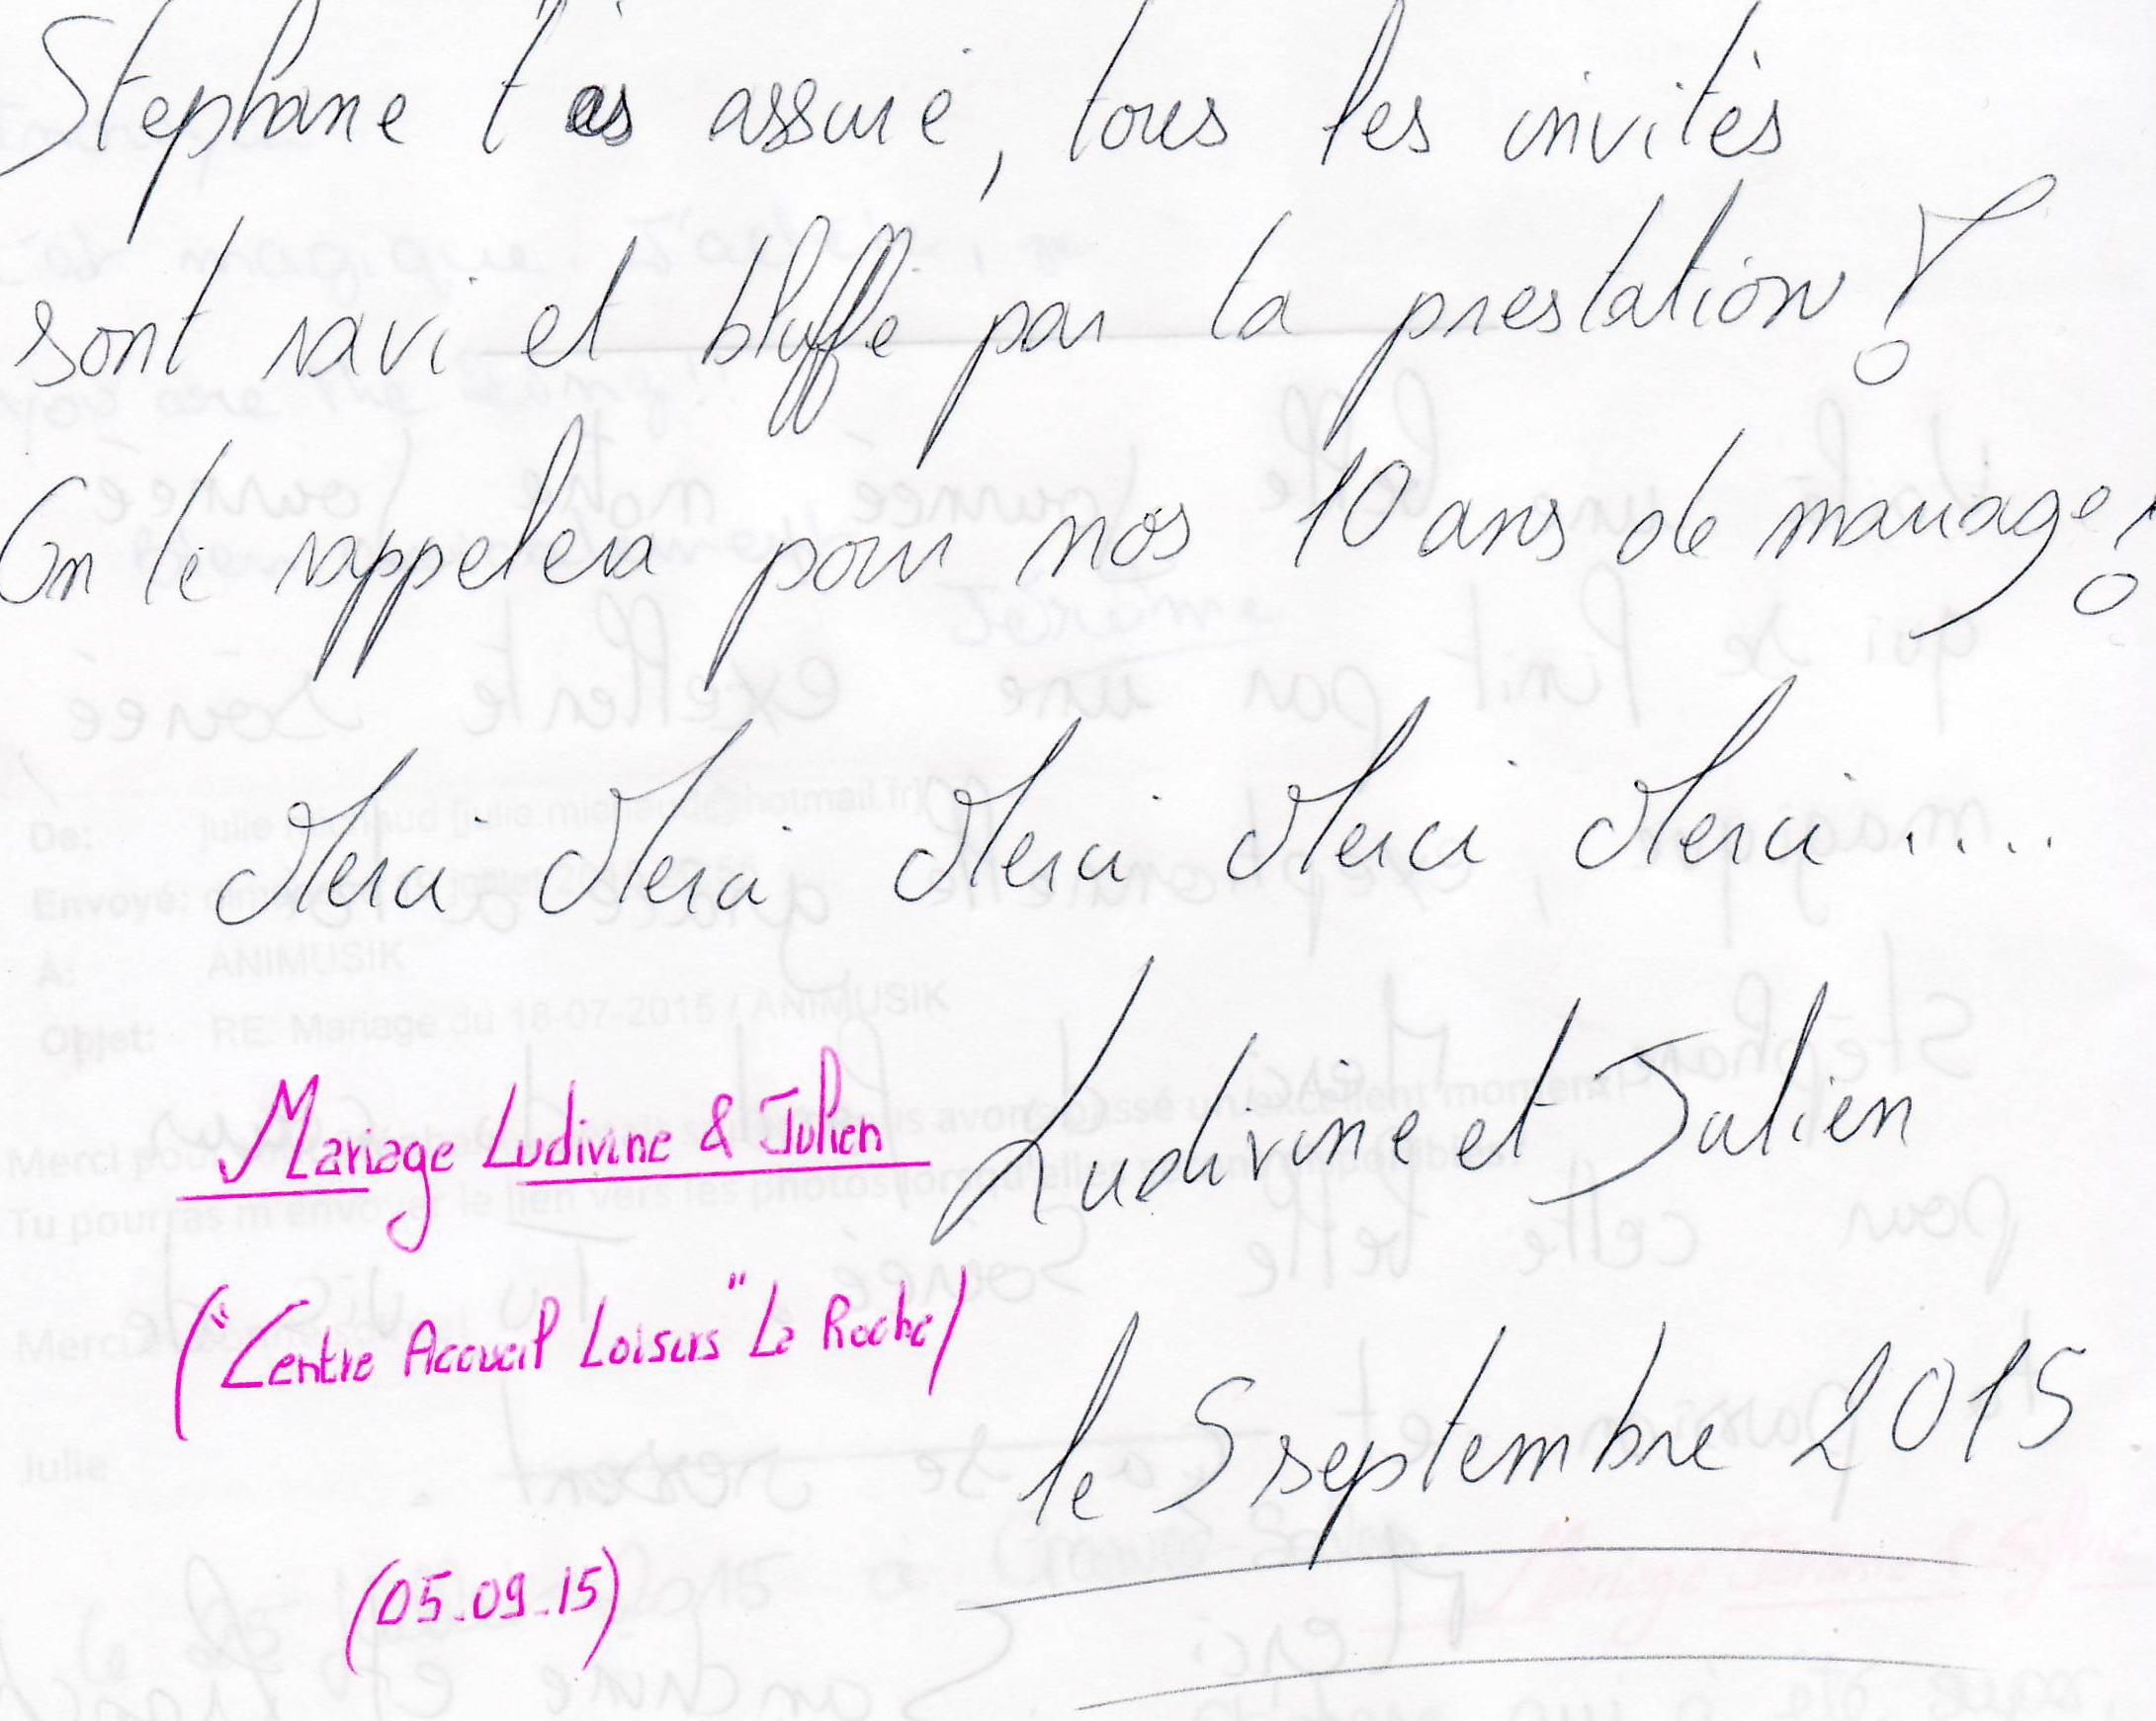 Mariage MINOTTE Julien & Ludivine (Centre Accueil Loisirs La Roche) (05-09-2015)